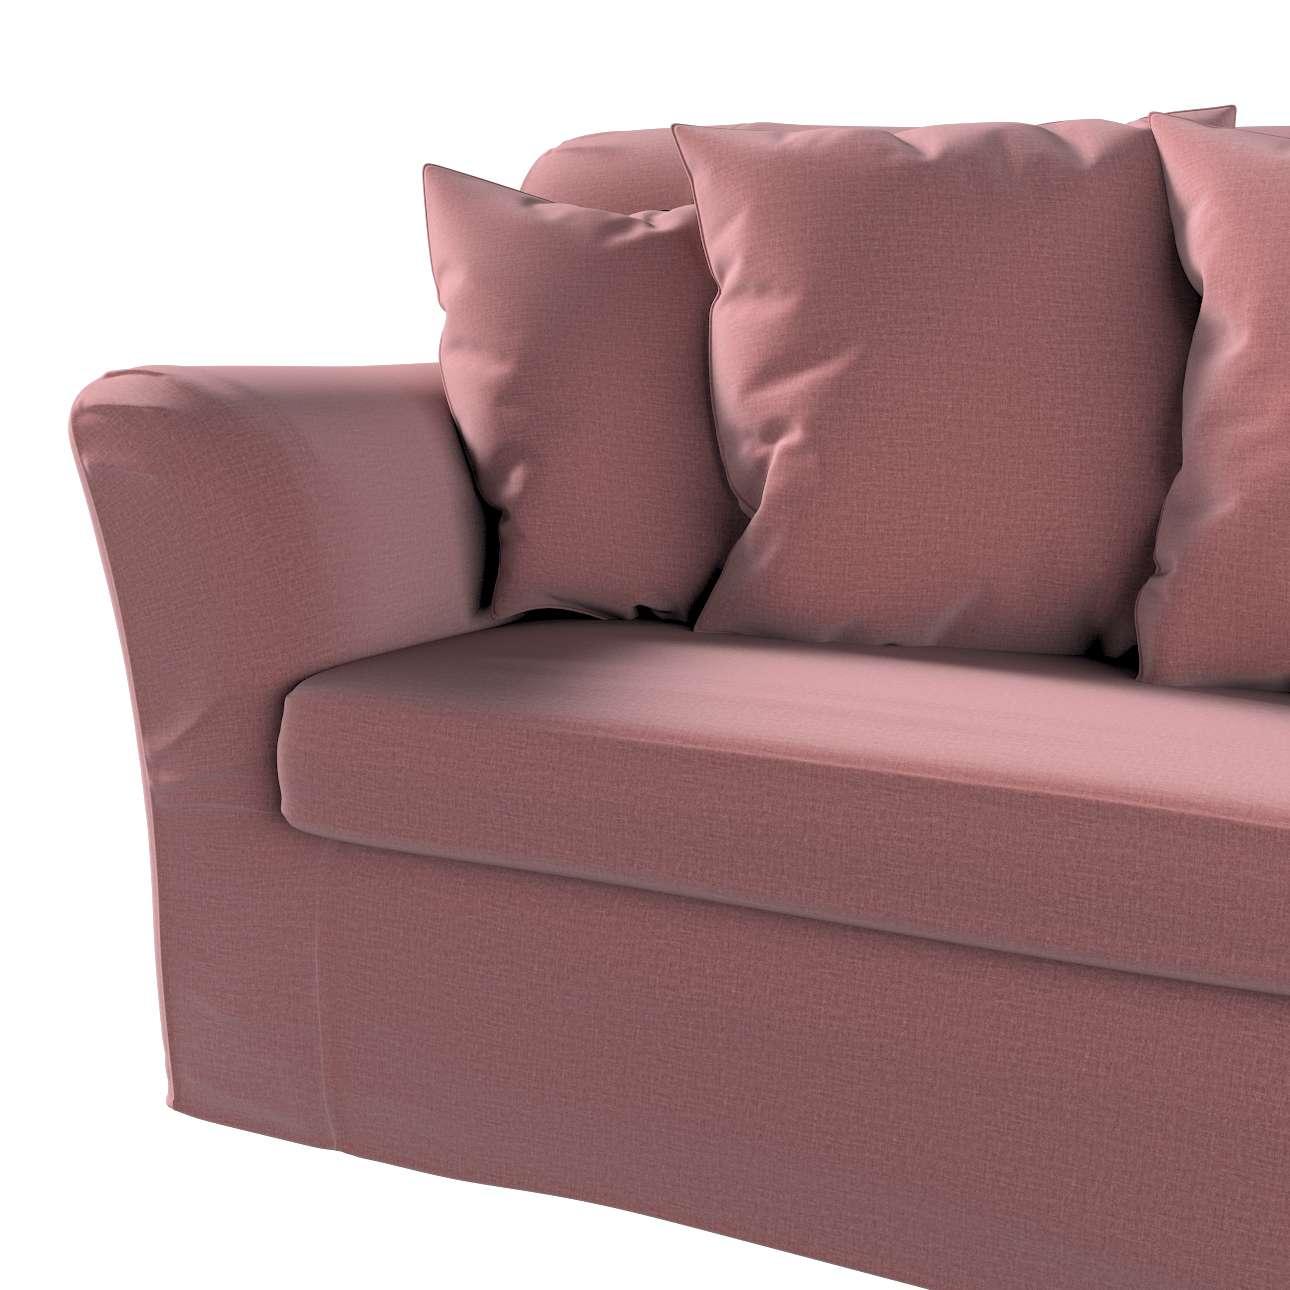 Pokrowiec na sofę Tomelilla 3-osobową rozkładaną w kolekcji Ingrid, tkanina: 705-38